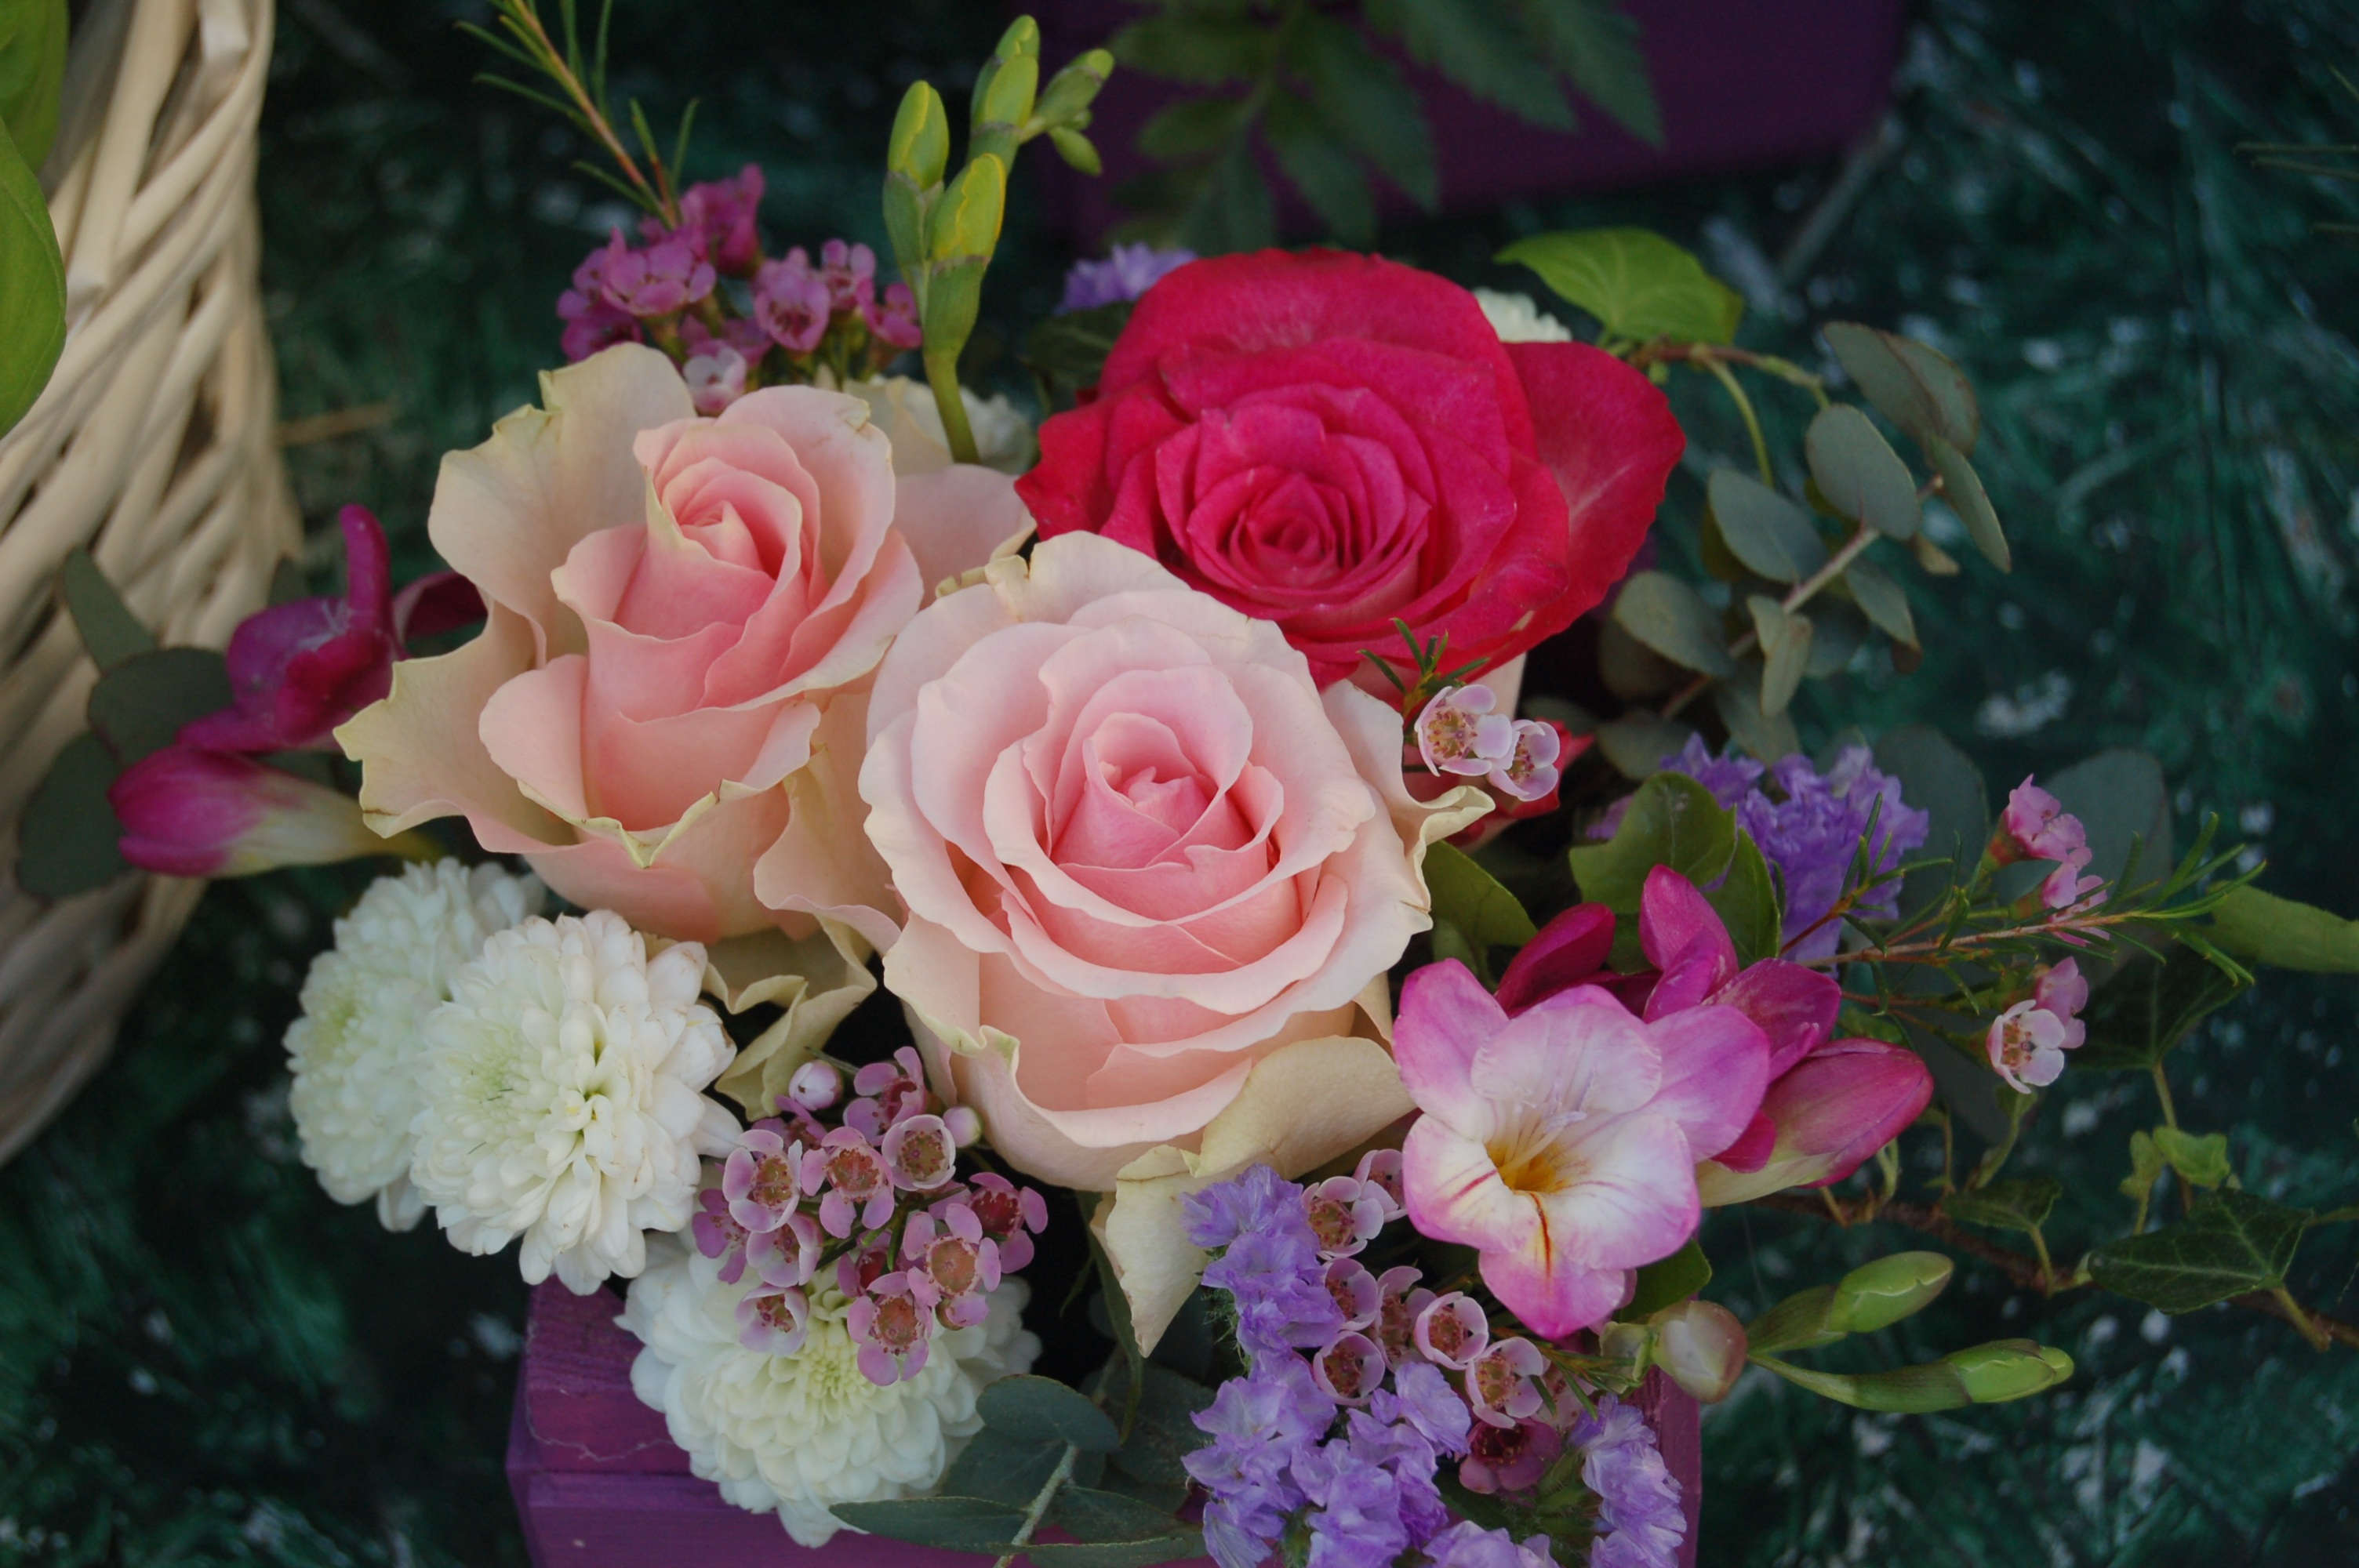 بالصور صور ورد جميل , ارق و اروع انواع الورود 6206 3